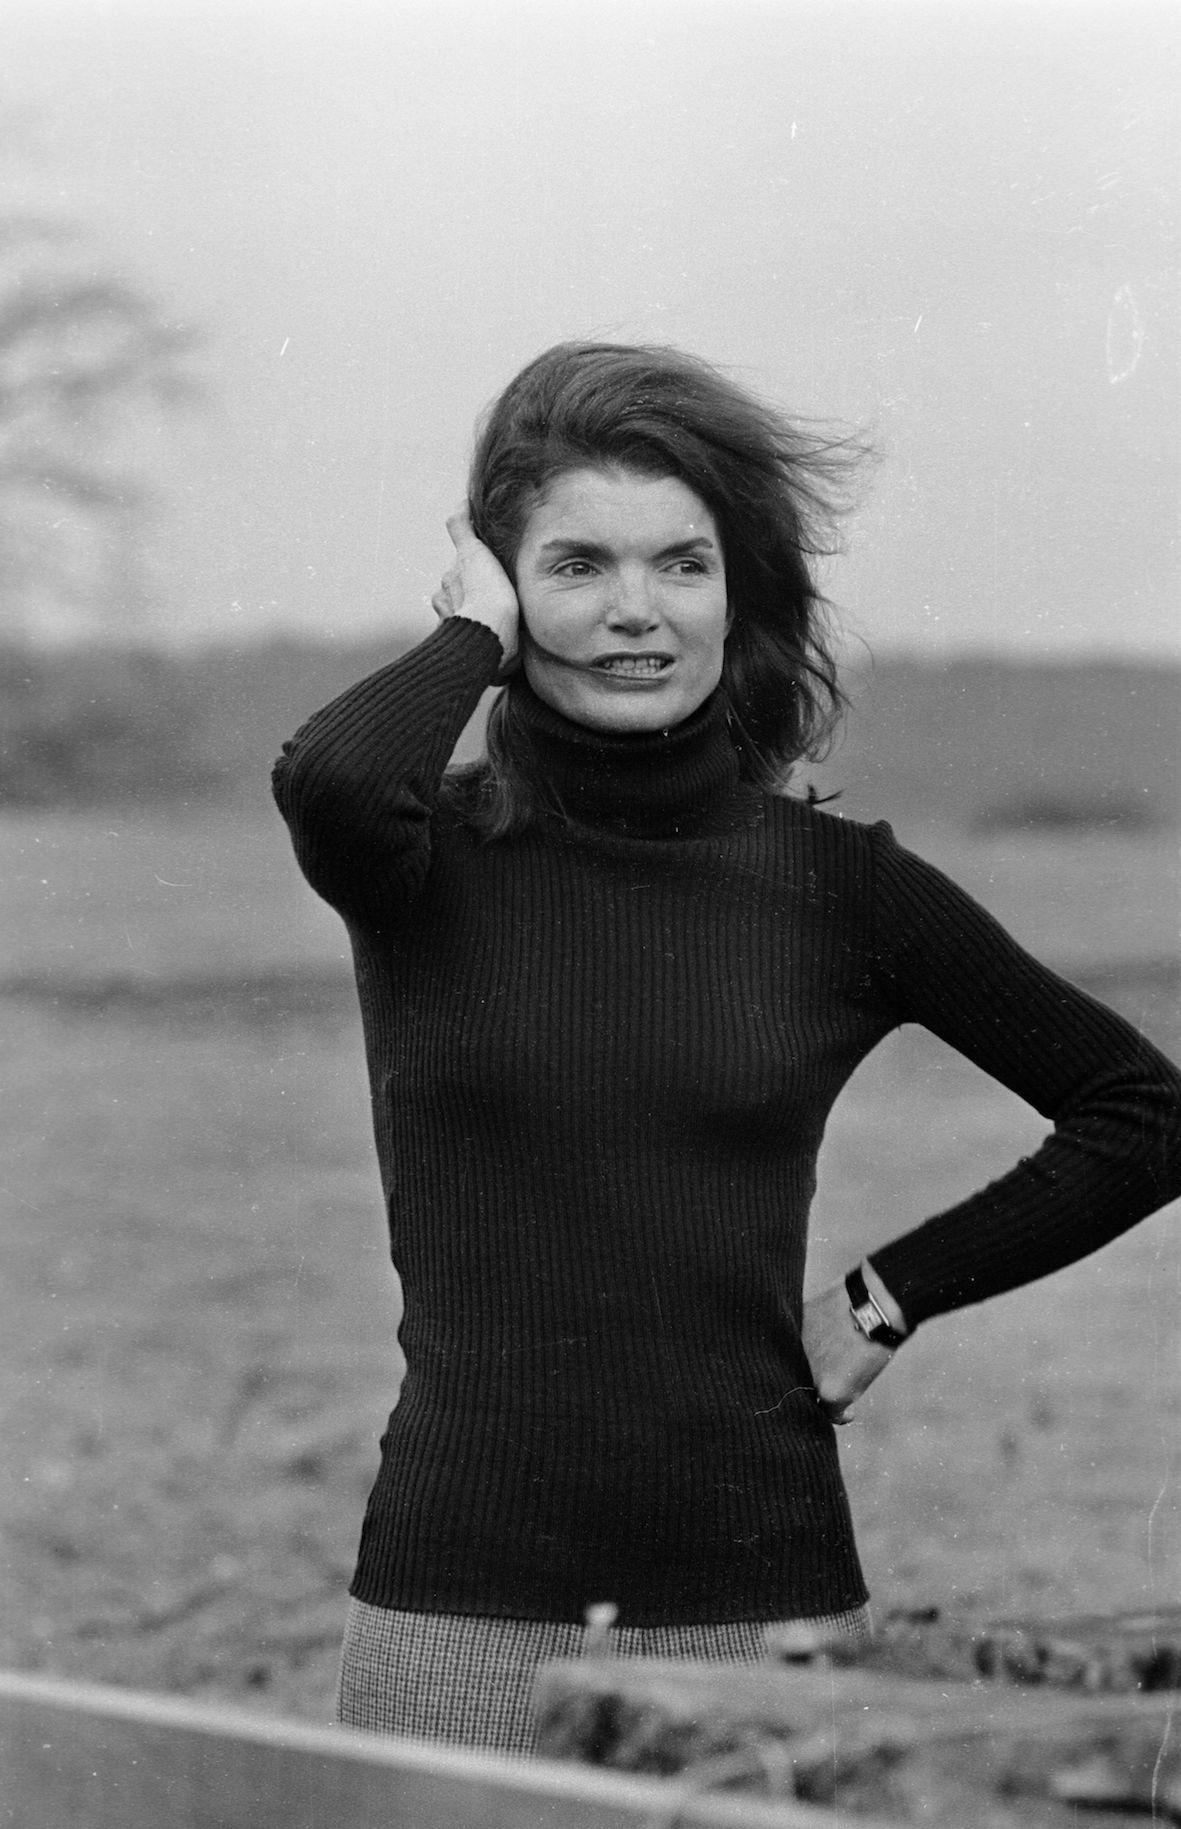 재클린 케네디(1969)